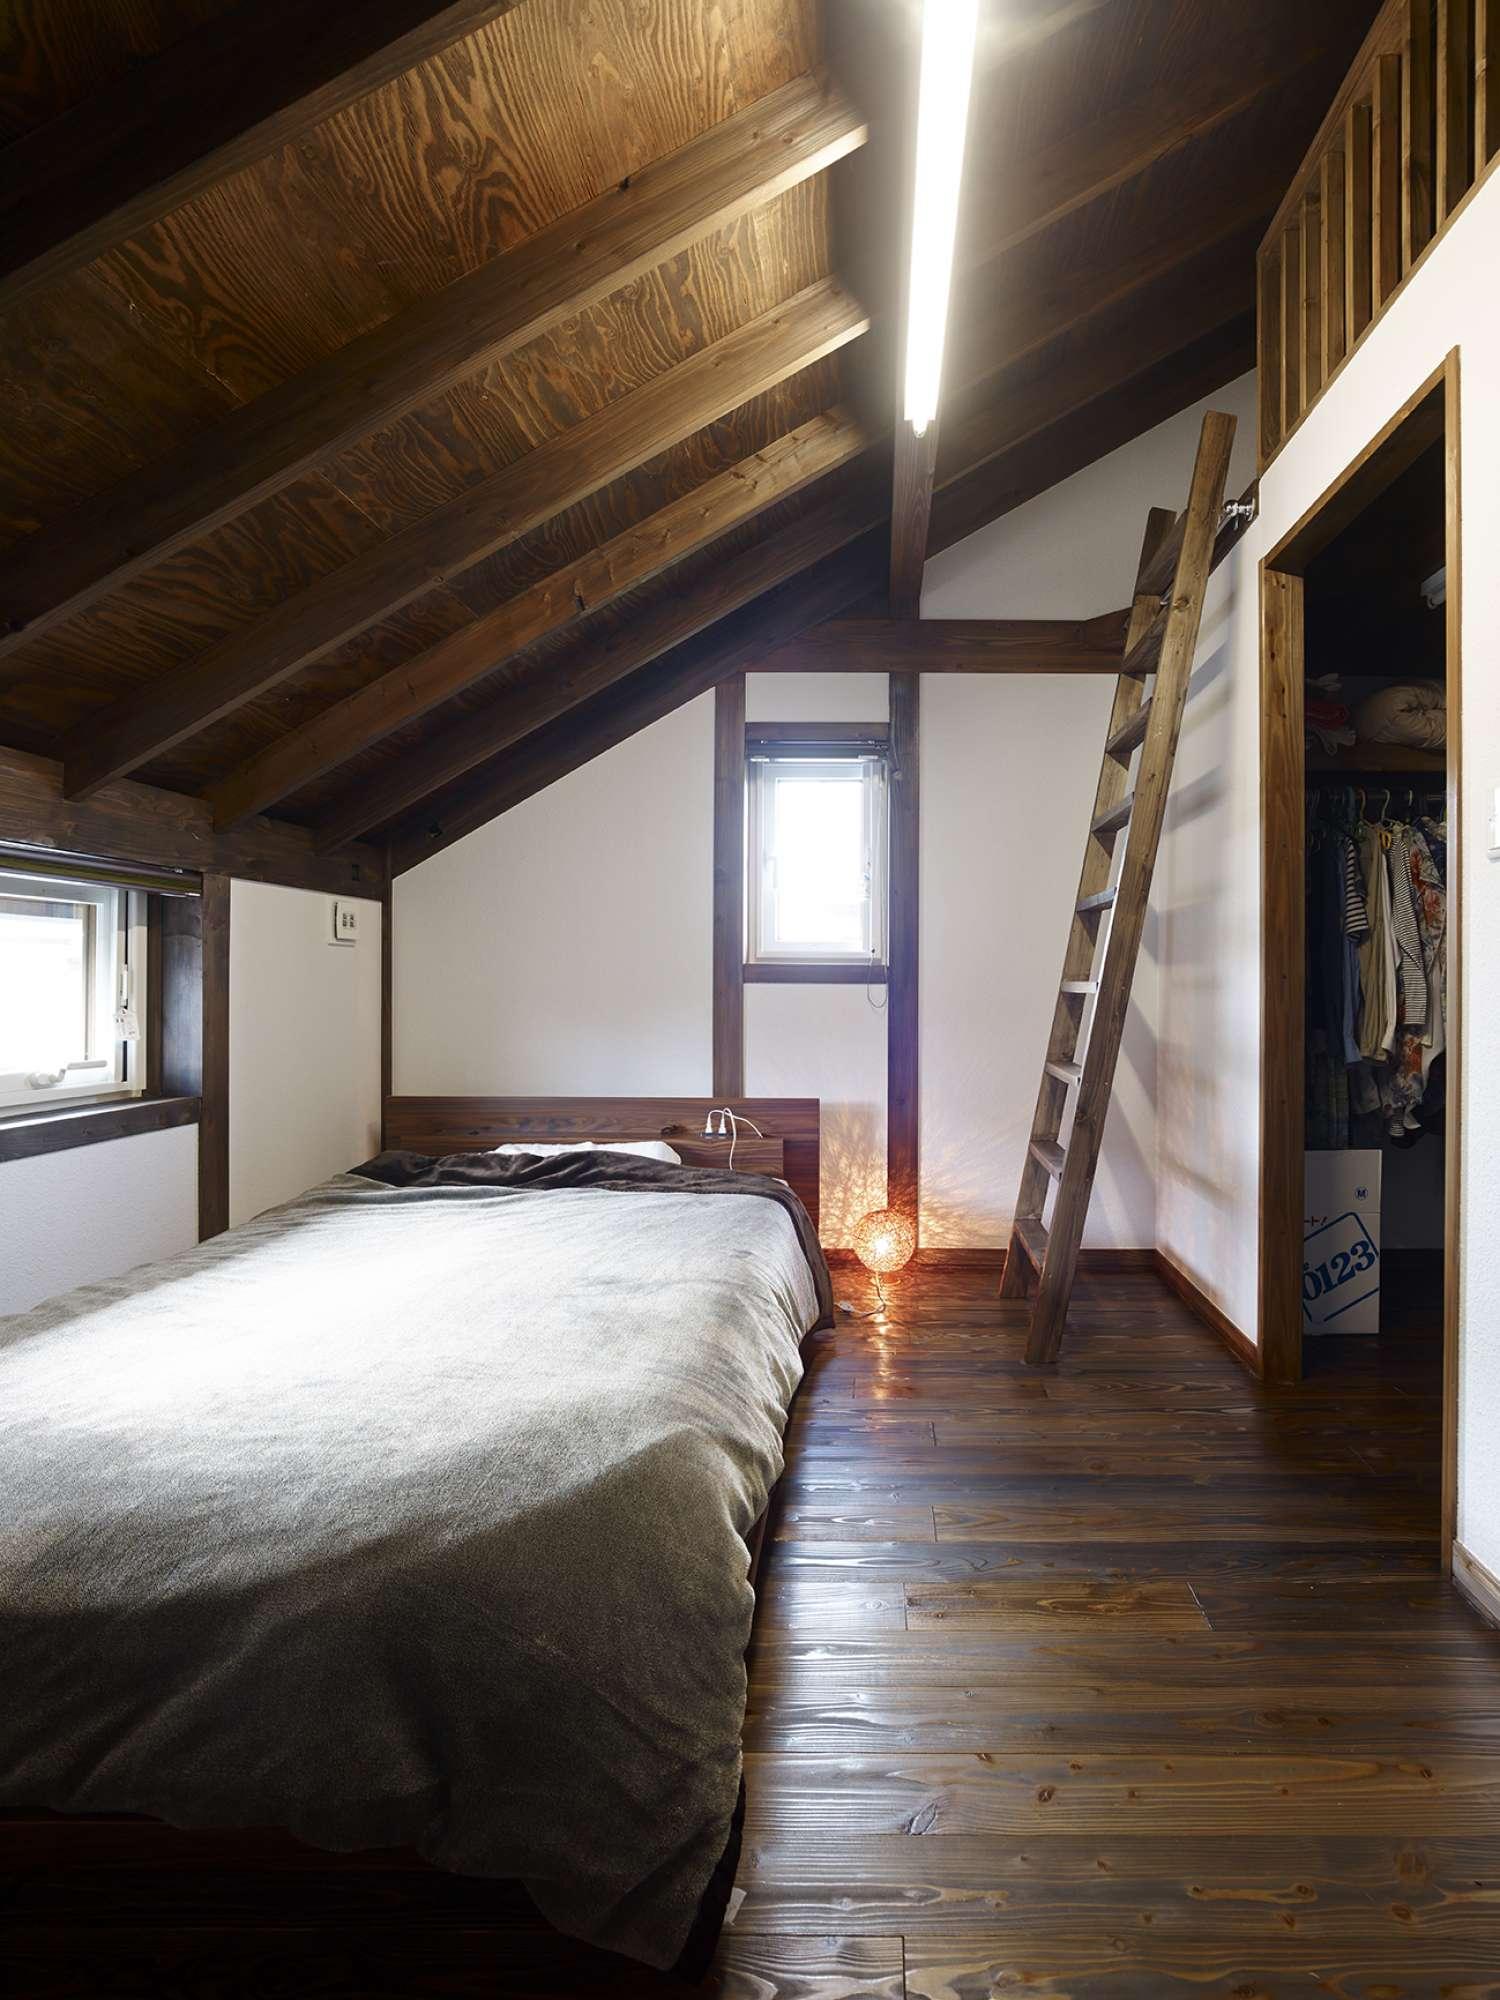 寝室にはウォークインクロゼット、その上部にはロフトを配置 -  -  -